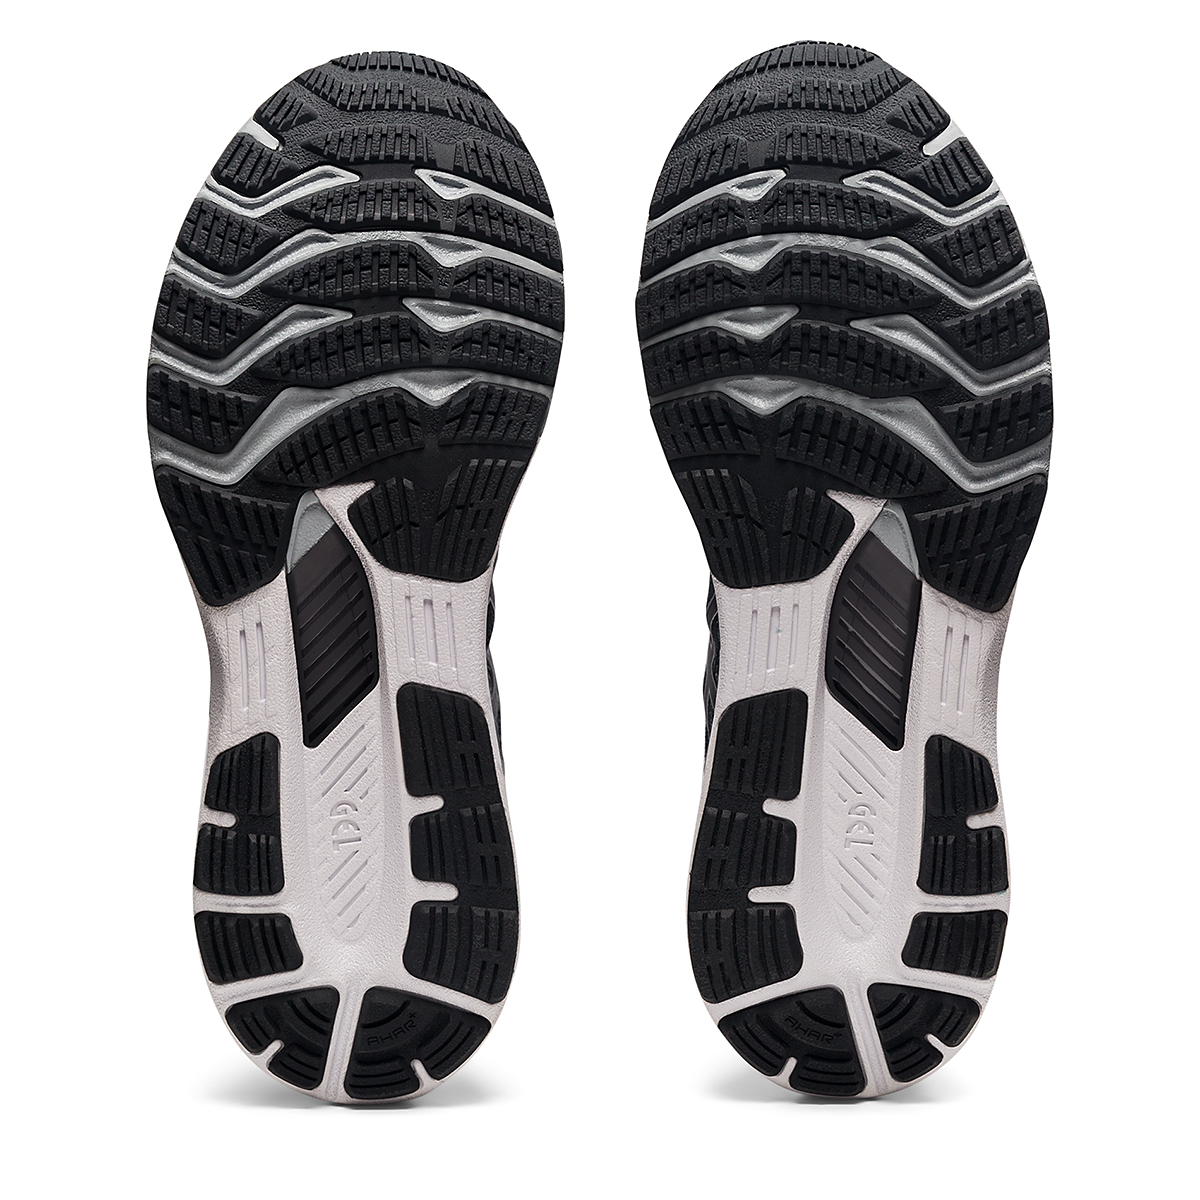 Men's Asics Gel-Kayano 28 Running Shoe - Color: Carrier Grey/Black - Size: 7 - Width: Wide, Carrier Grey/Black, large, image 7